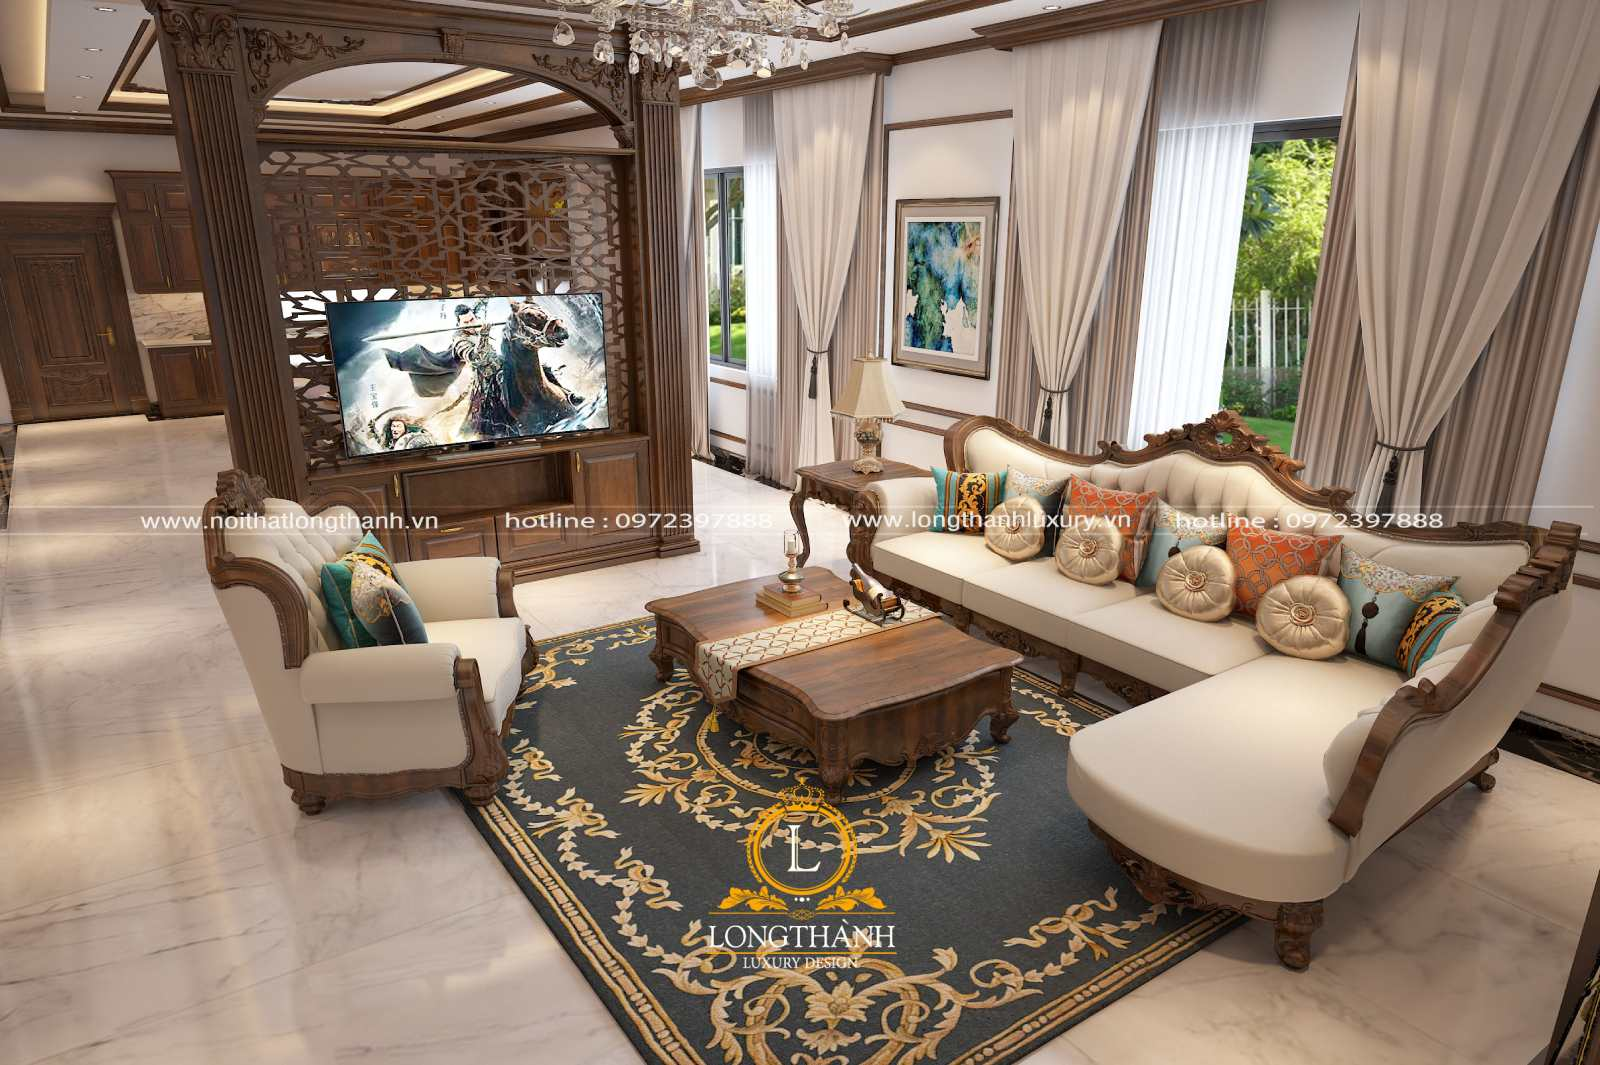 Sofa góc L cho phòng khách rộng phong cách tân cổ điển